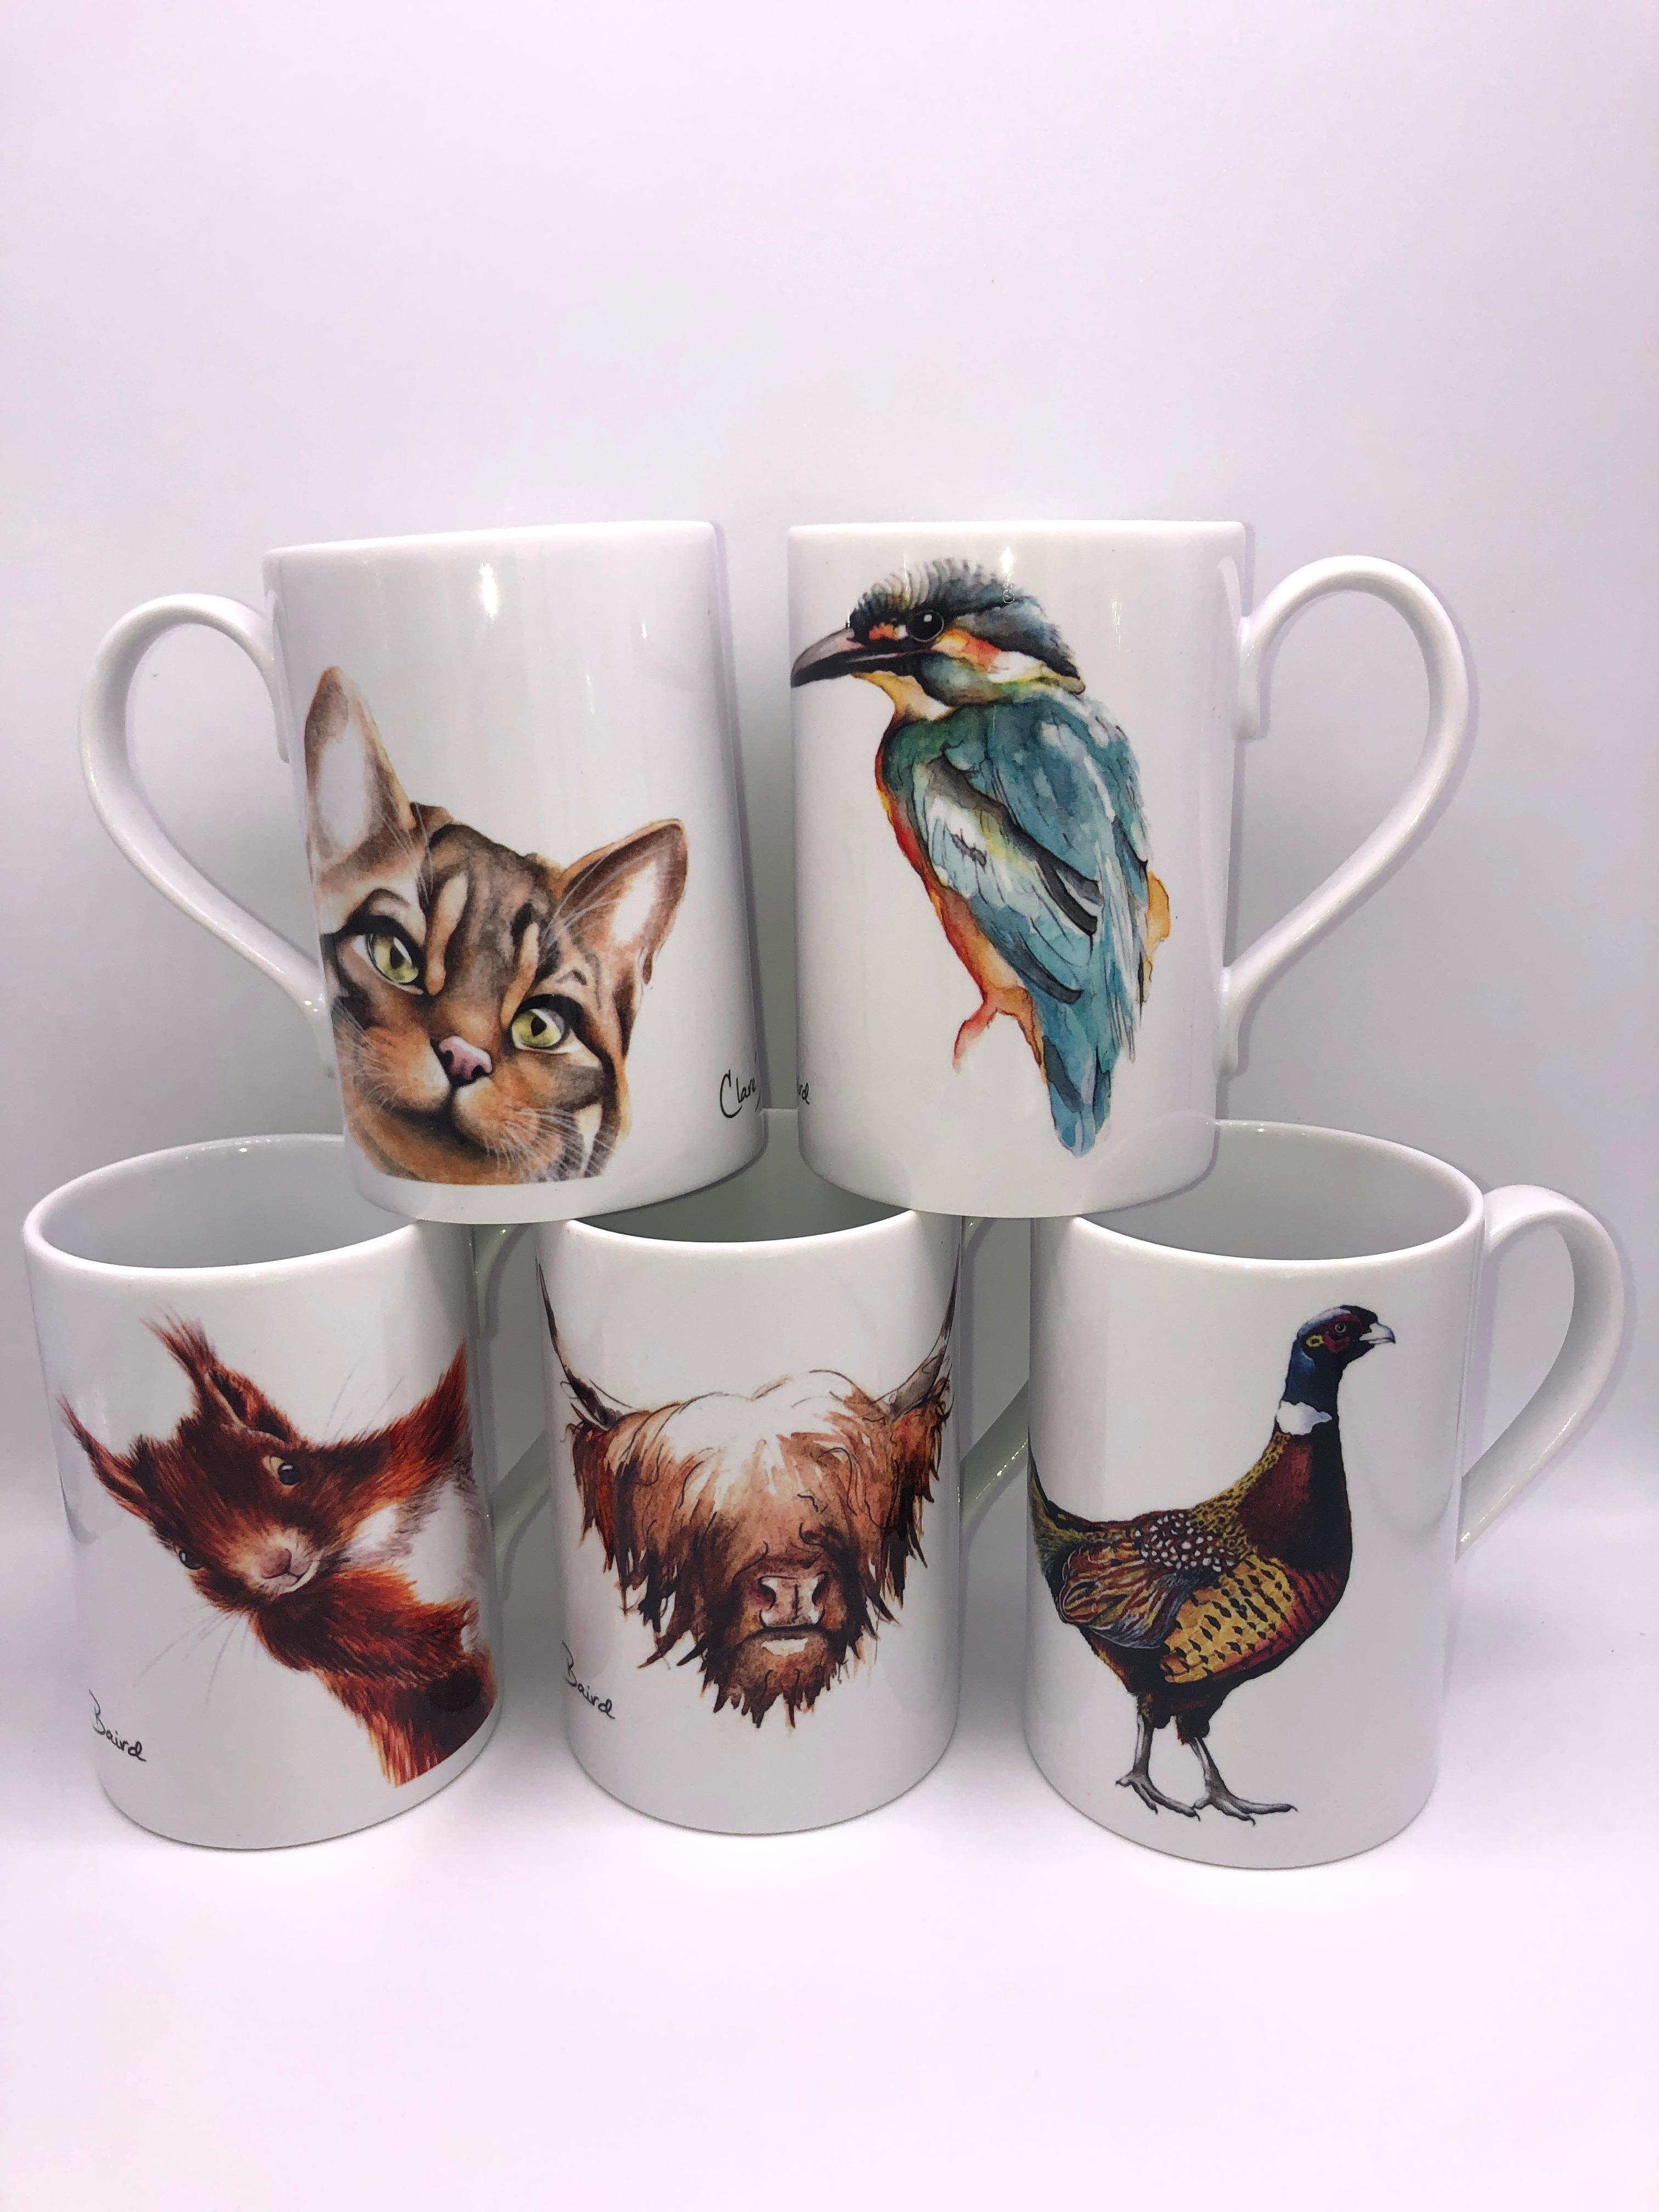 Clare Baird Porcelain Mugs